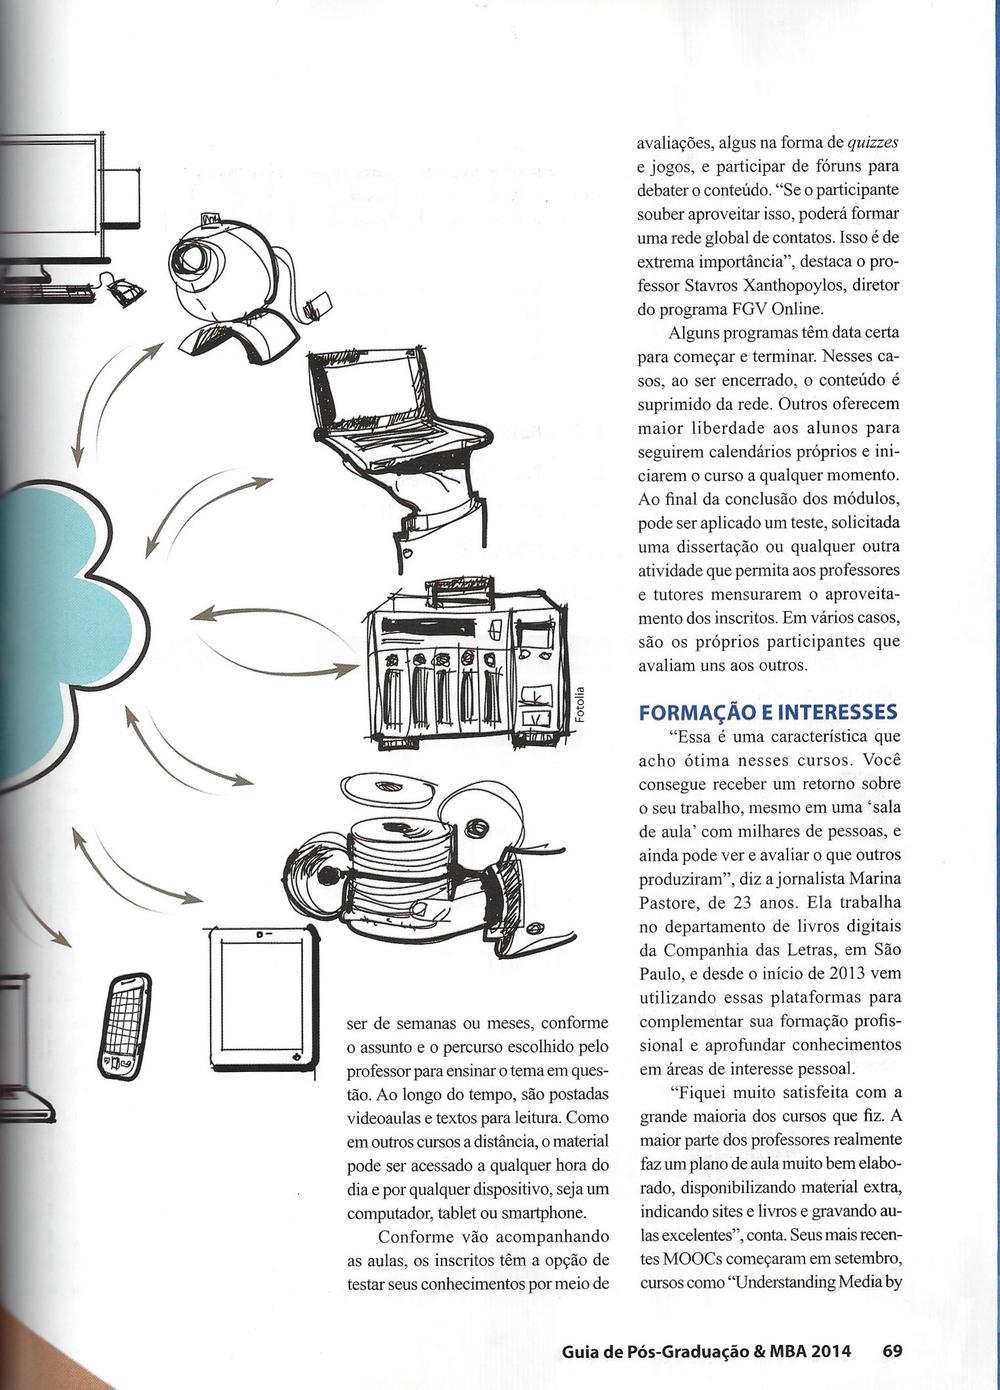 Guia de Pós & MBA_page 69.jpg